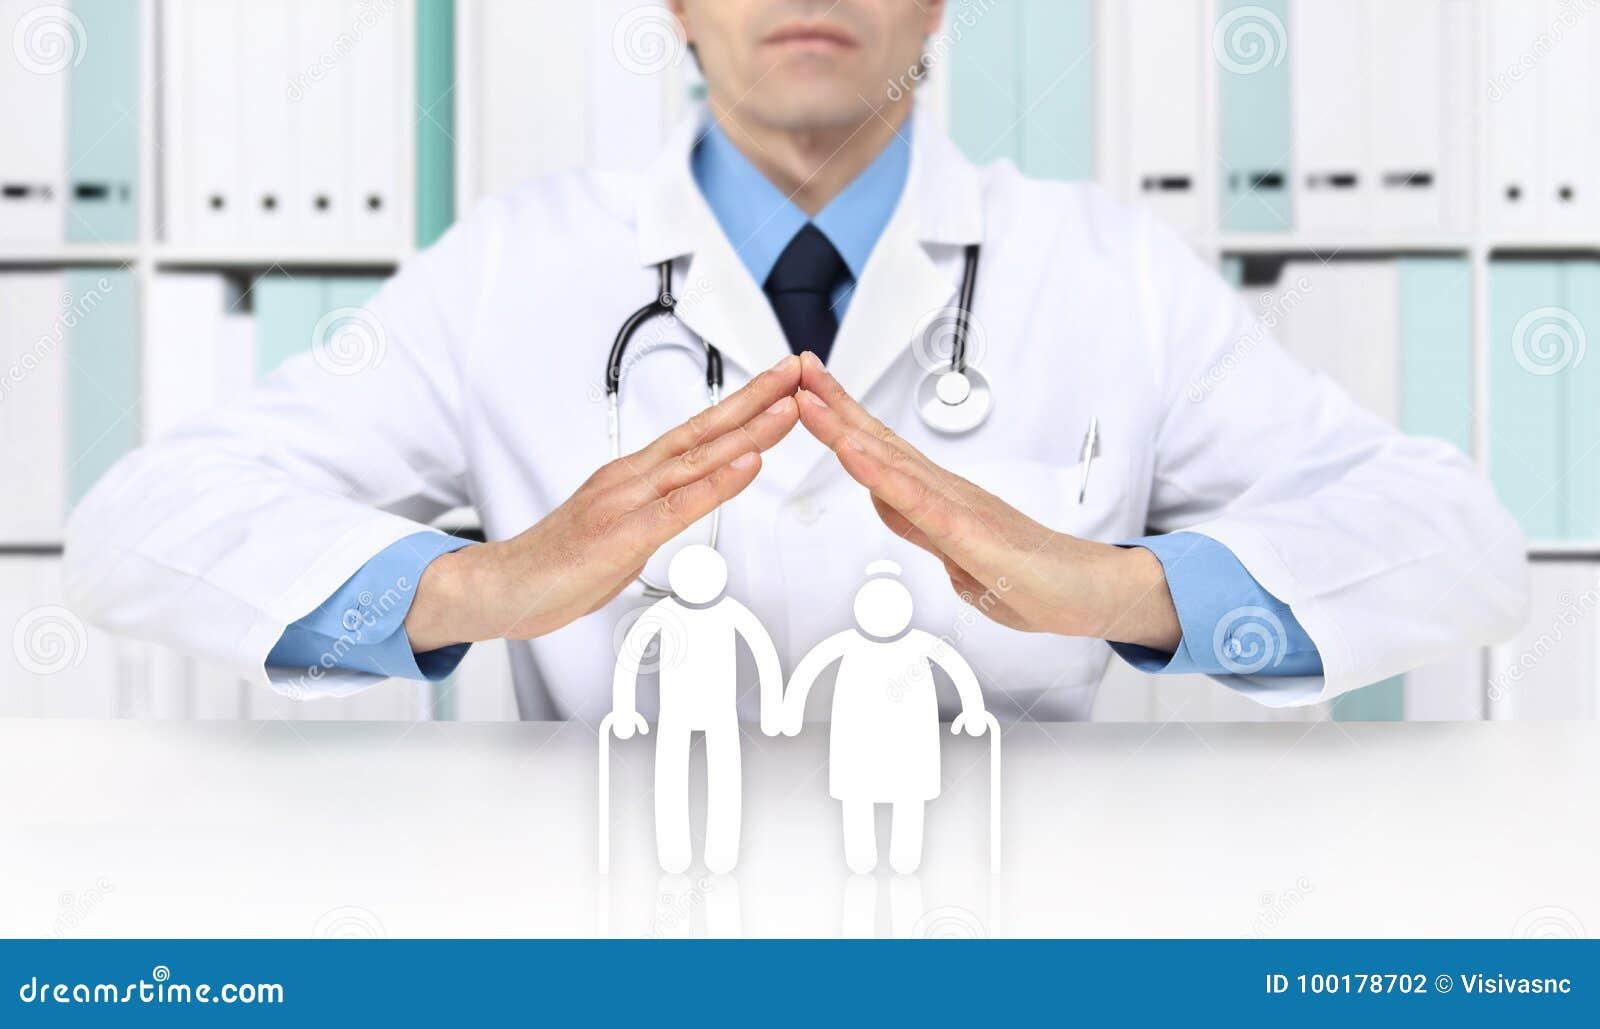 Las manos se cuidan protegen a personas mayores del símbolo del seguro médico